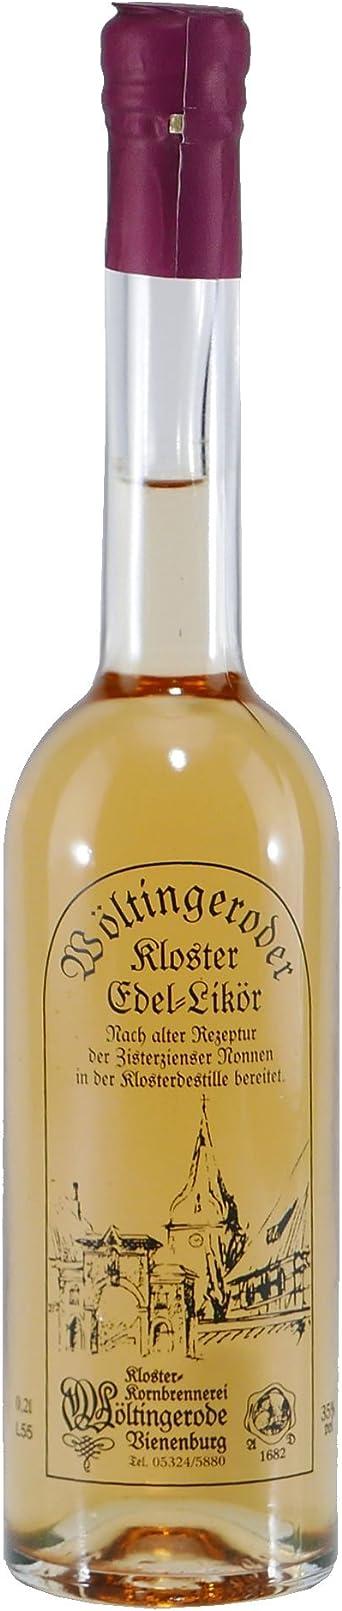 Kloster Woltingerode Geheimnisvolle 21 Krauter Gewurz Likor Amazon De Bier Wein Spirituosen